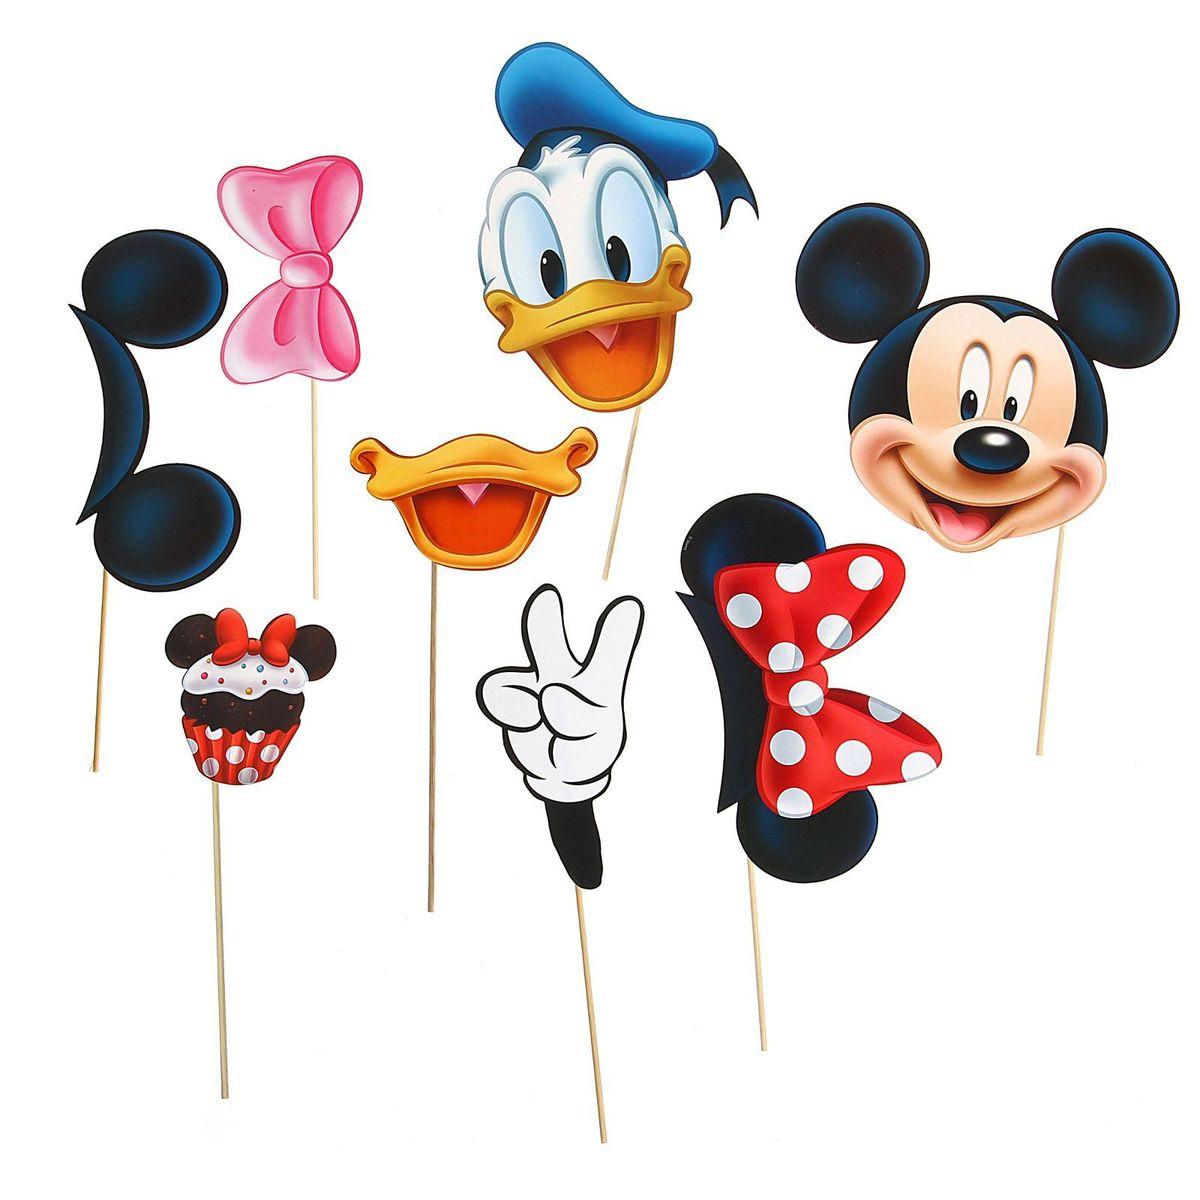 Набор фотобутафории Disney Микки Маус и друзья, 8 предметов